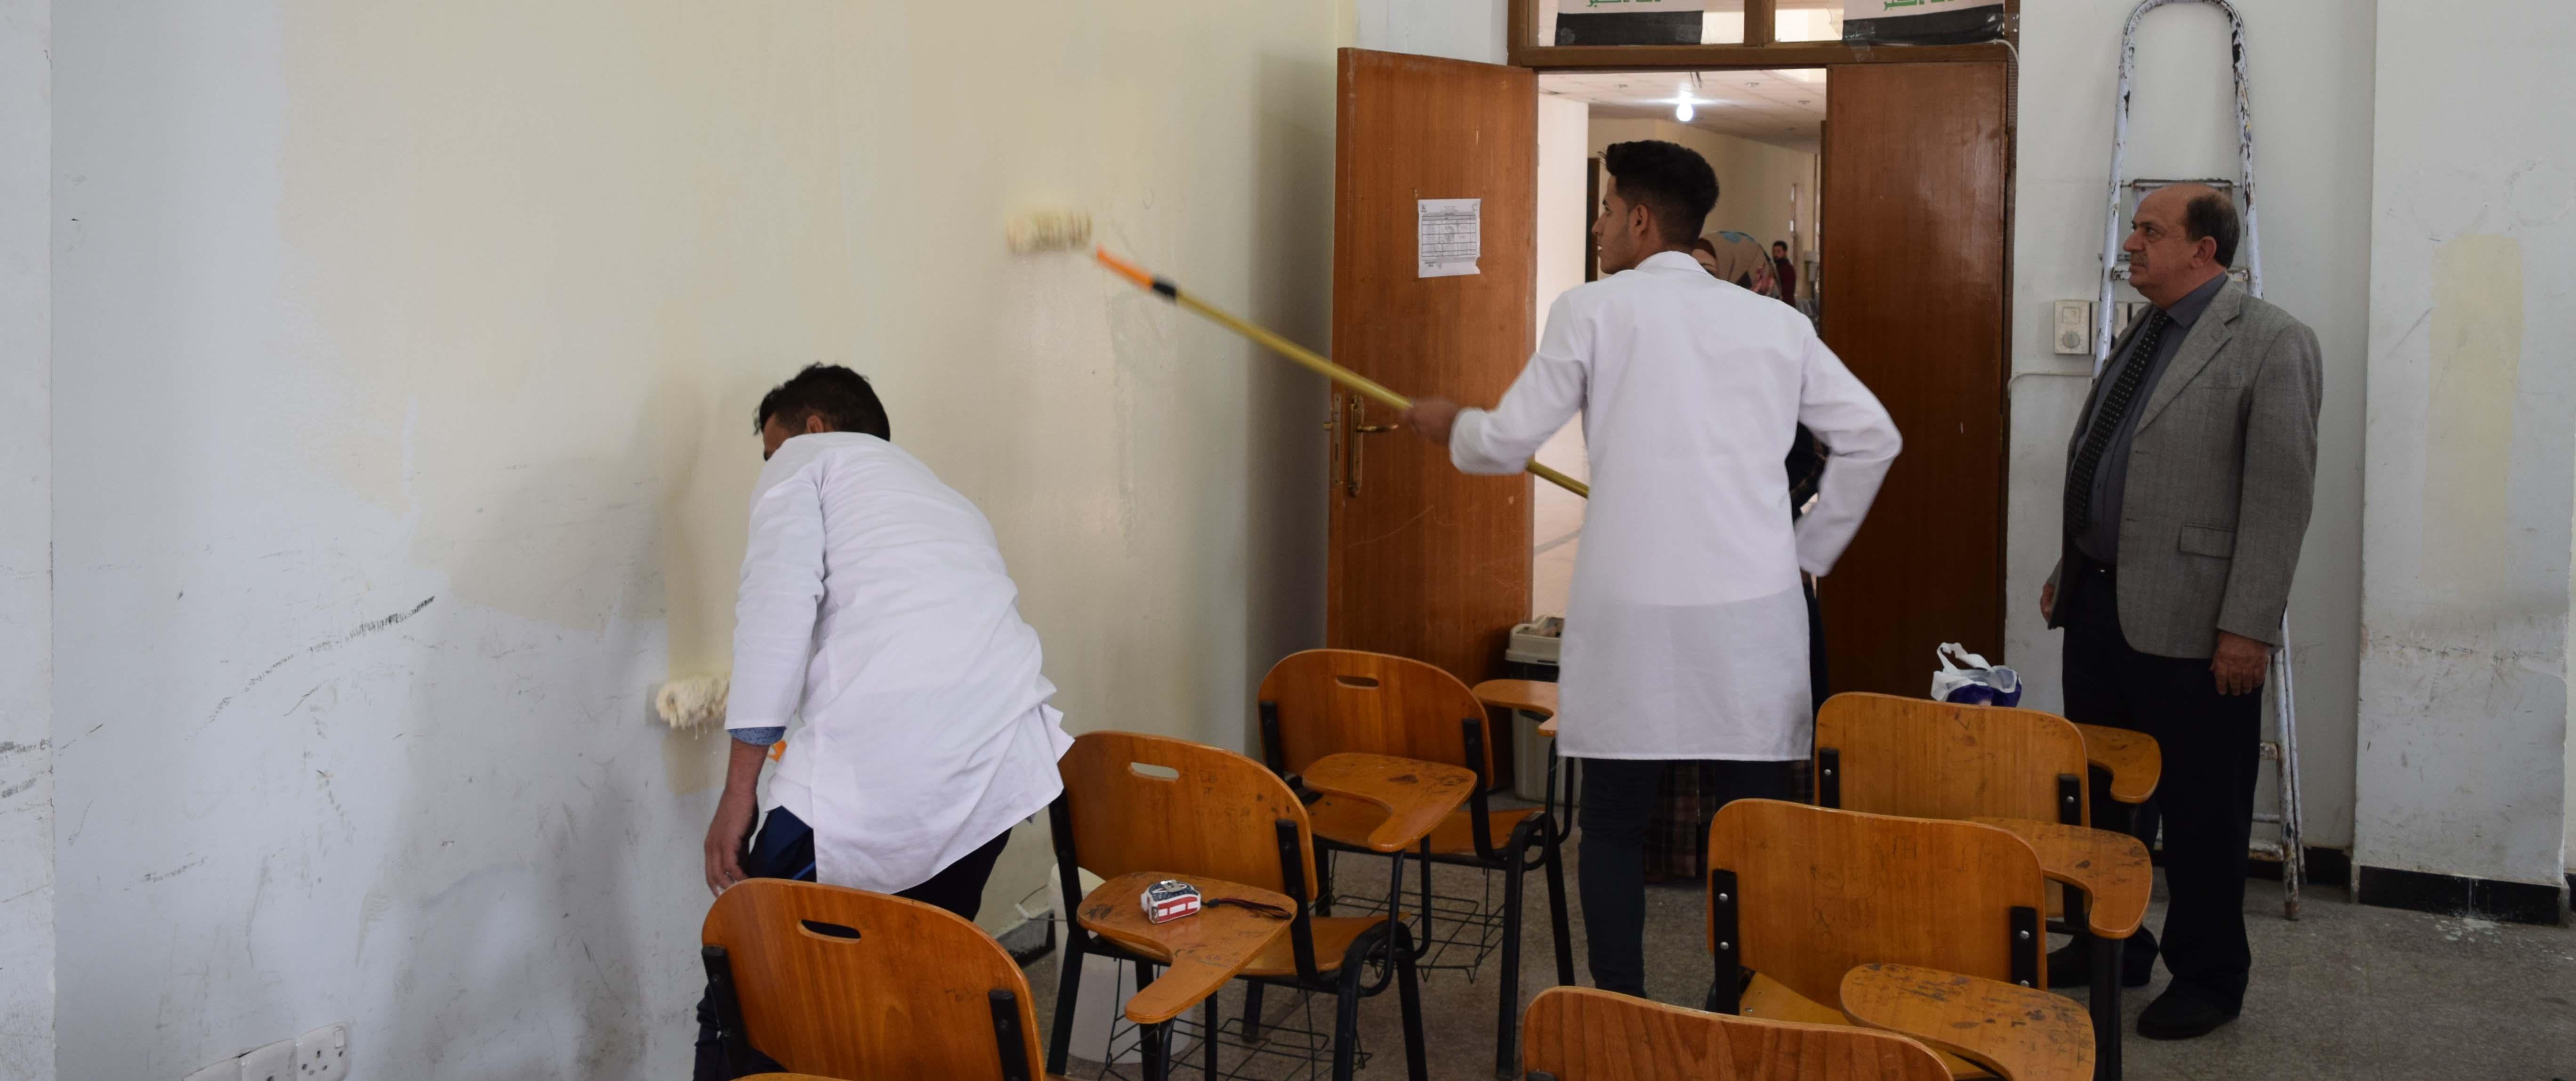 مبادرة طلابية بصبغ قاعة دراسية للمرحلة الأولى